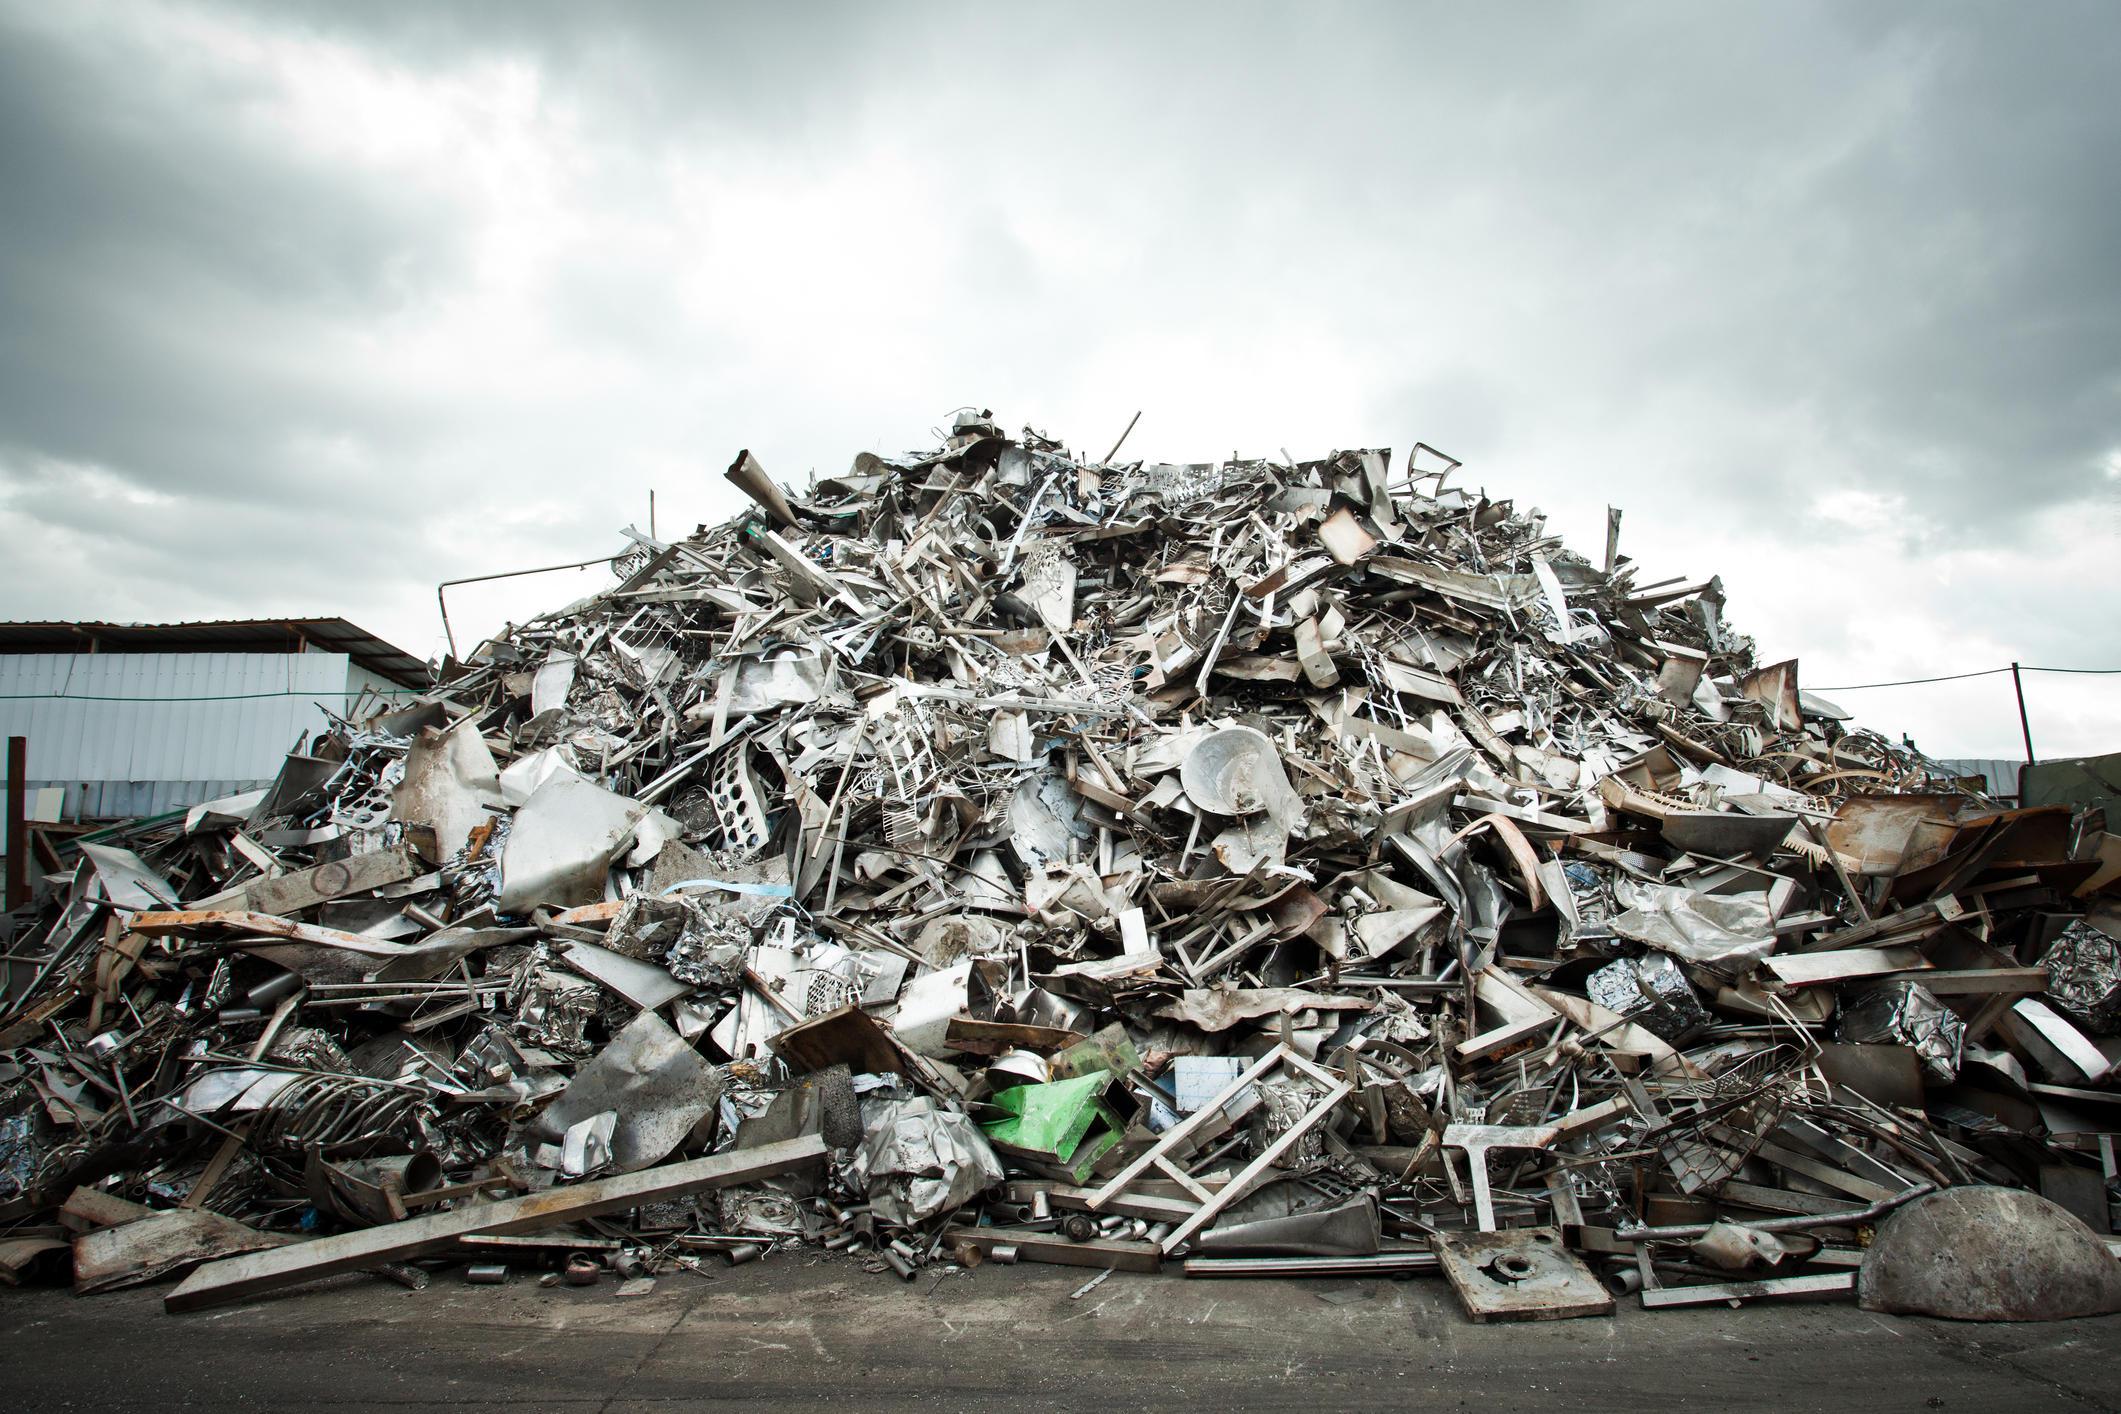 25317888-pila-de-aluminio-de-chatarra-para-su-reciclaje